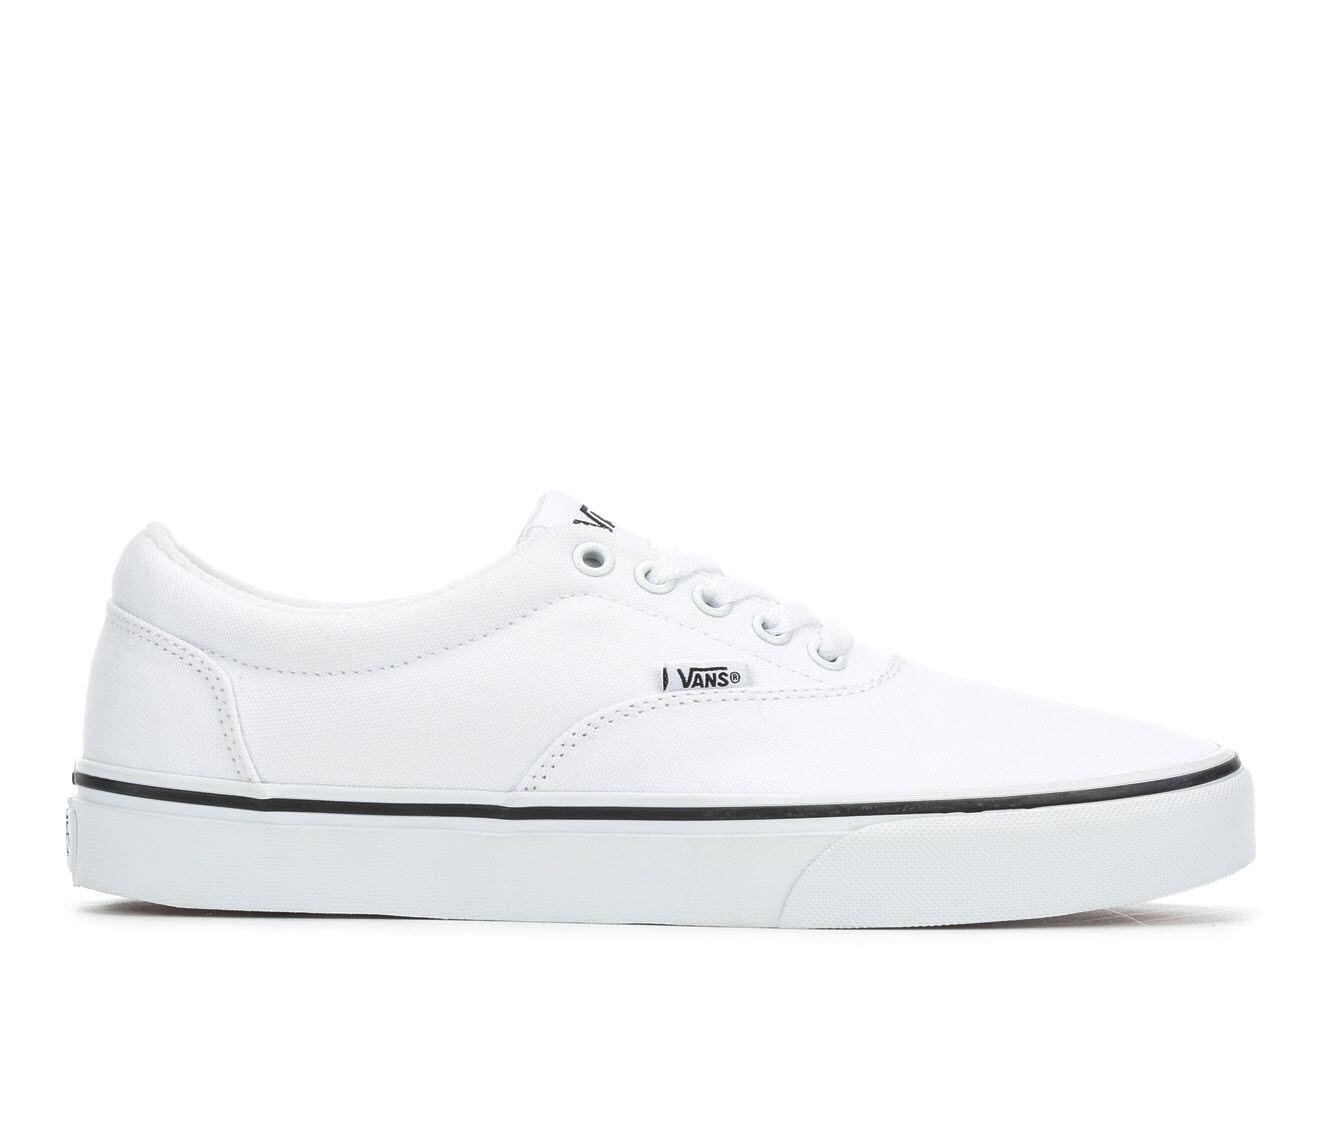 Men's Vans Doheny Skate Shoes White/White